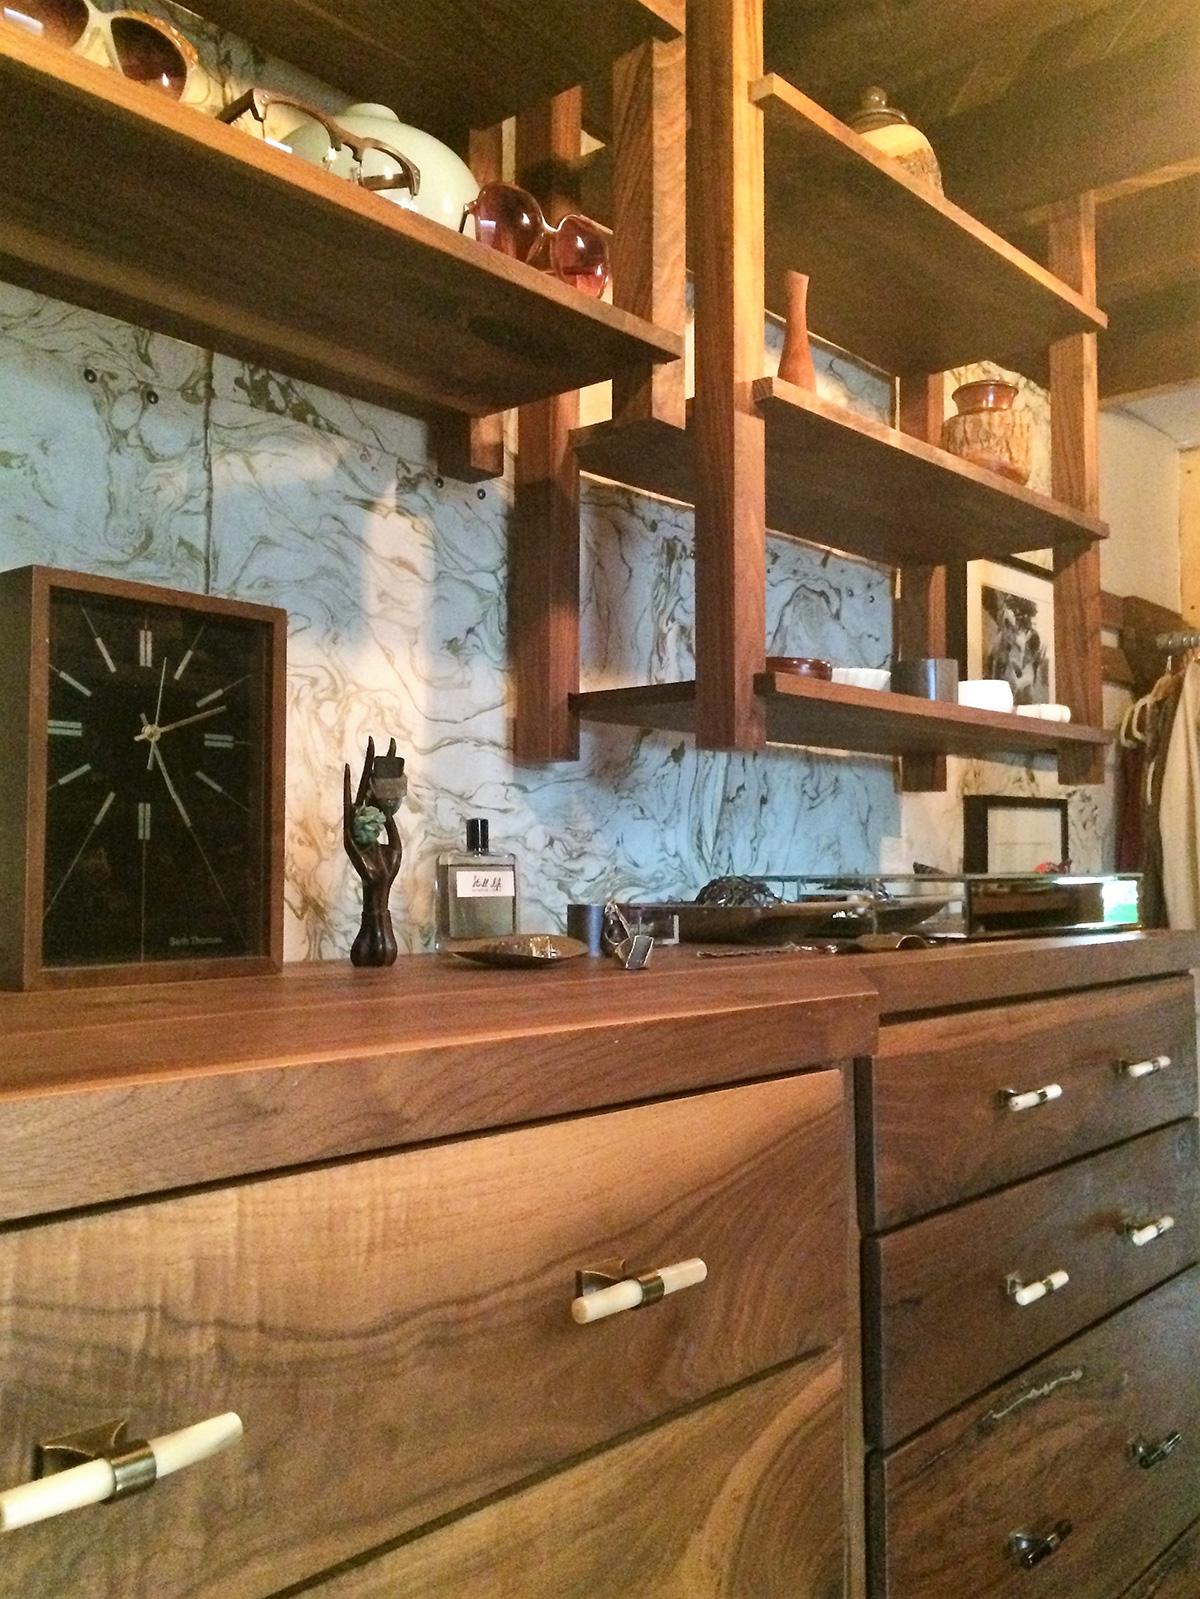 desser-&-shelves.jpg